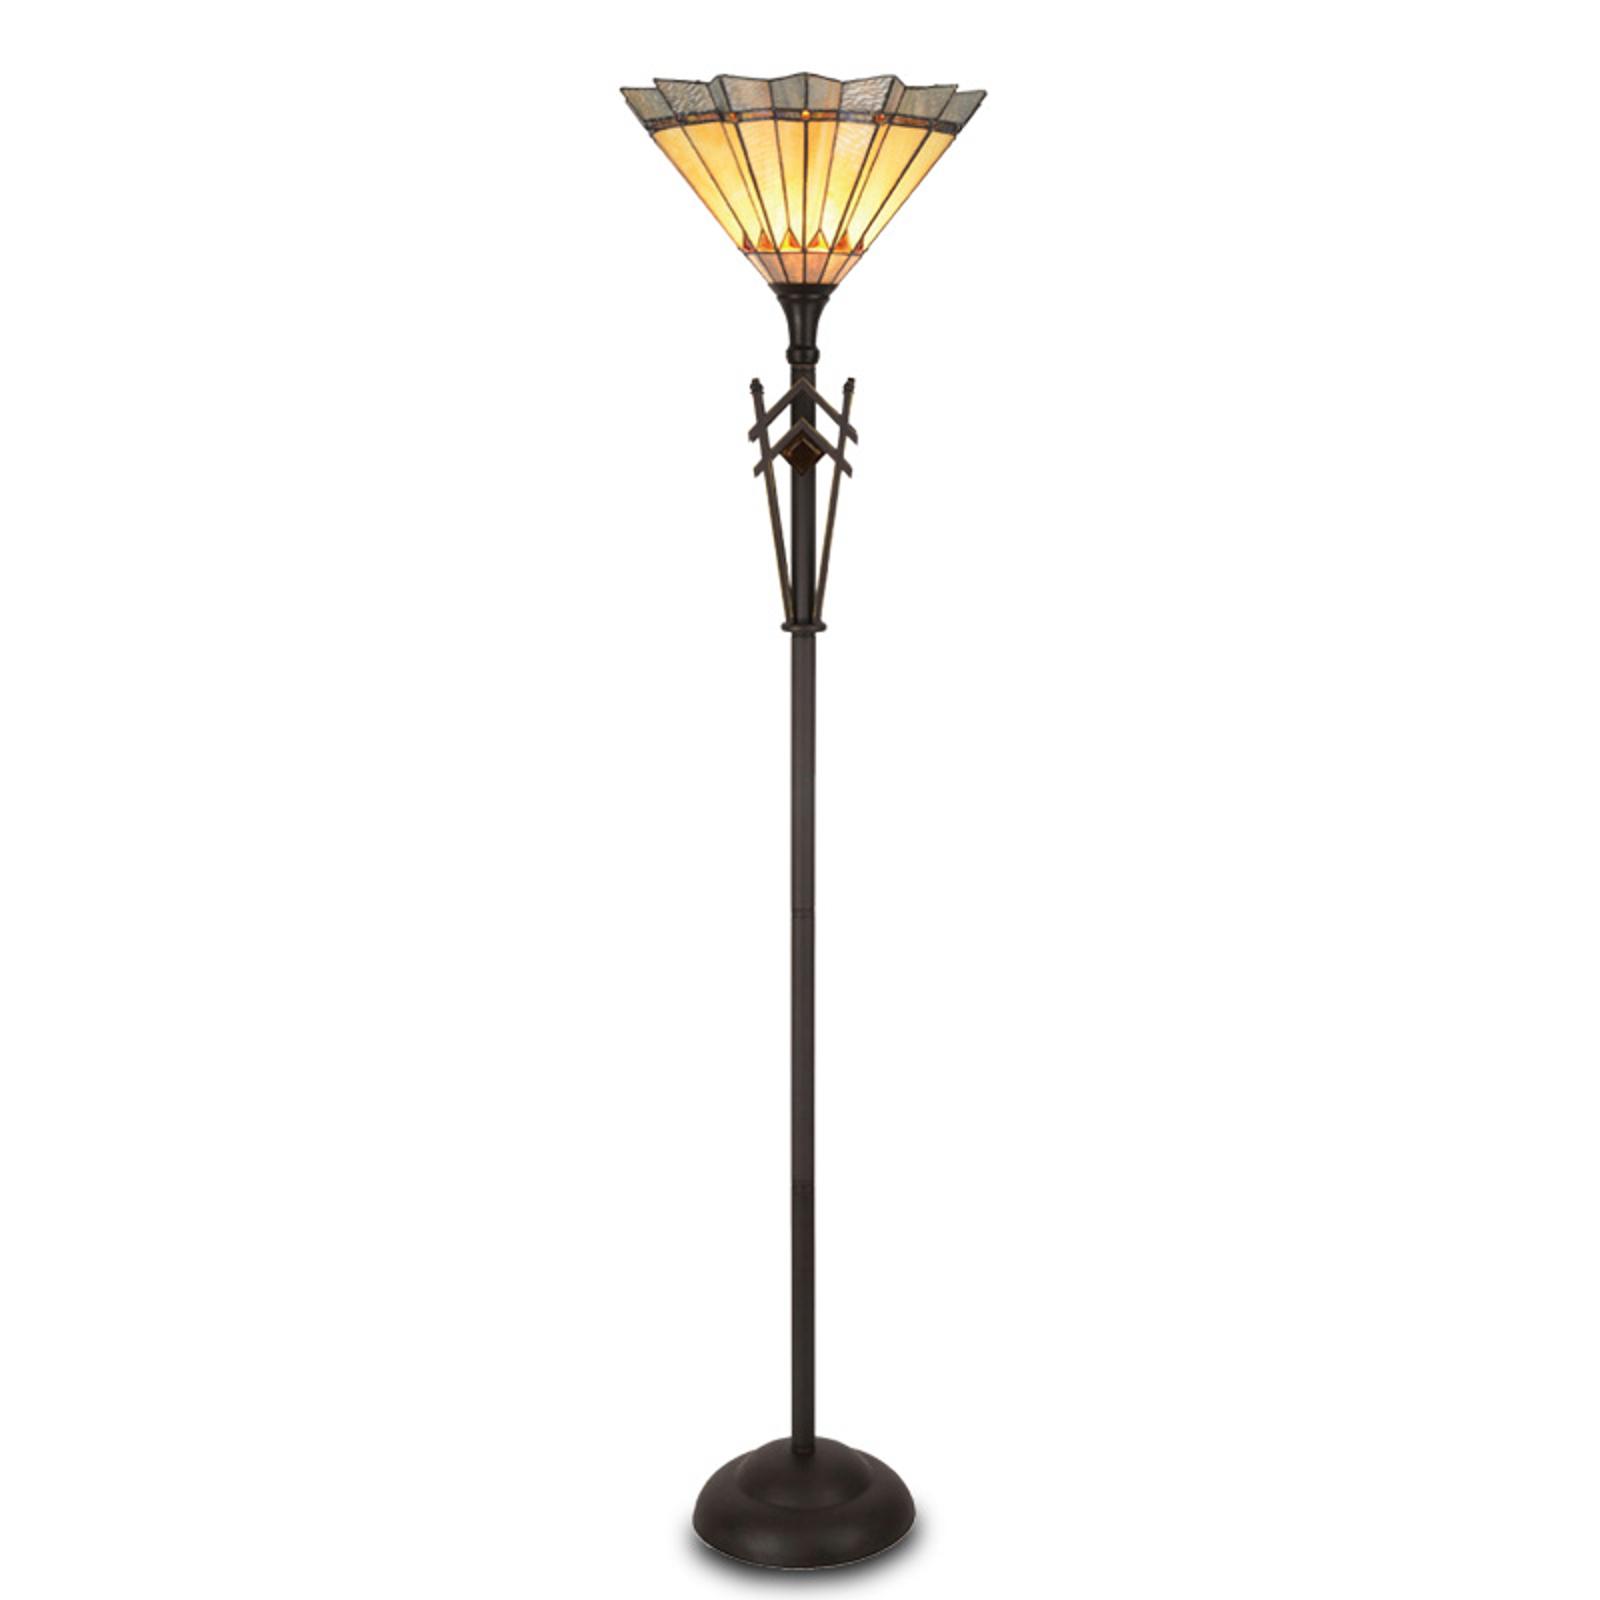 Uliana staande lamp in Tiffany-stijl